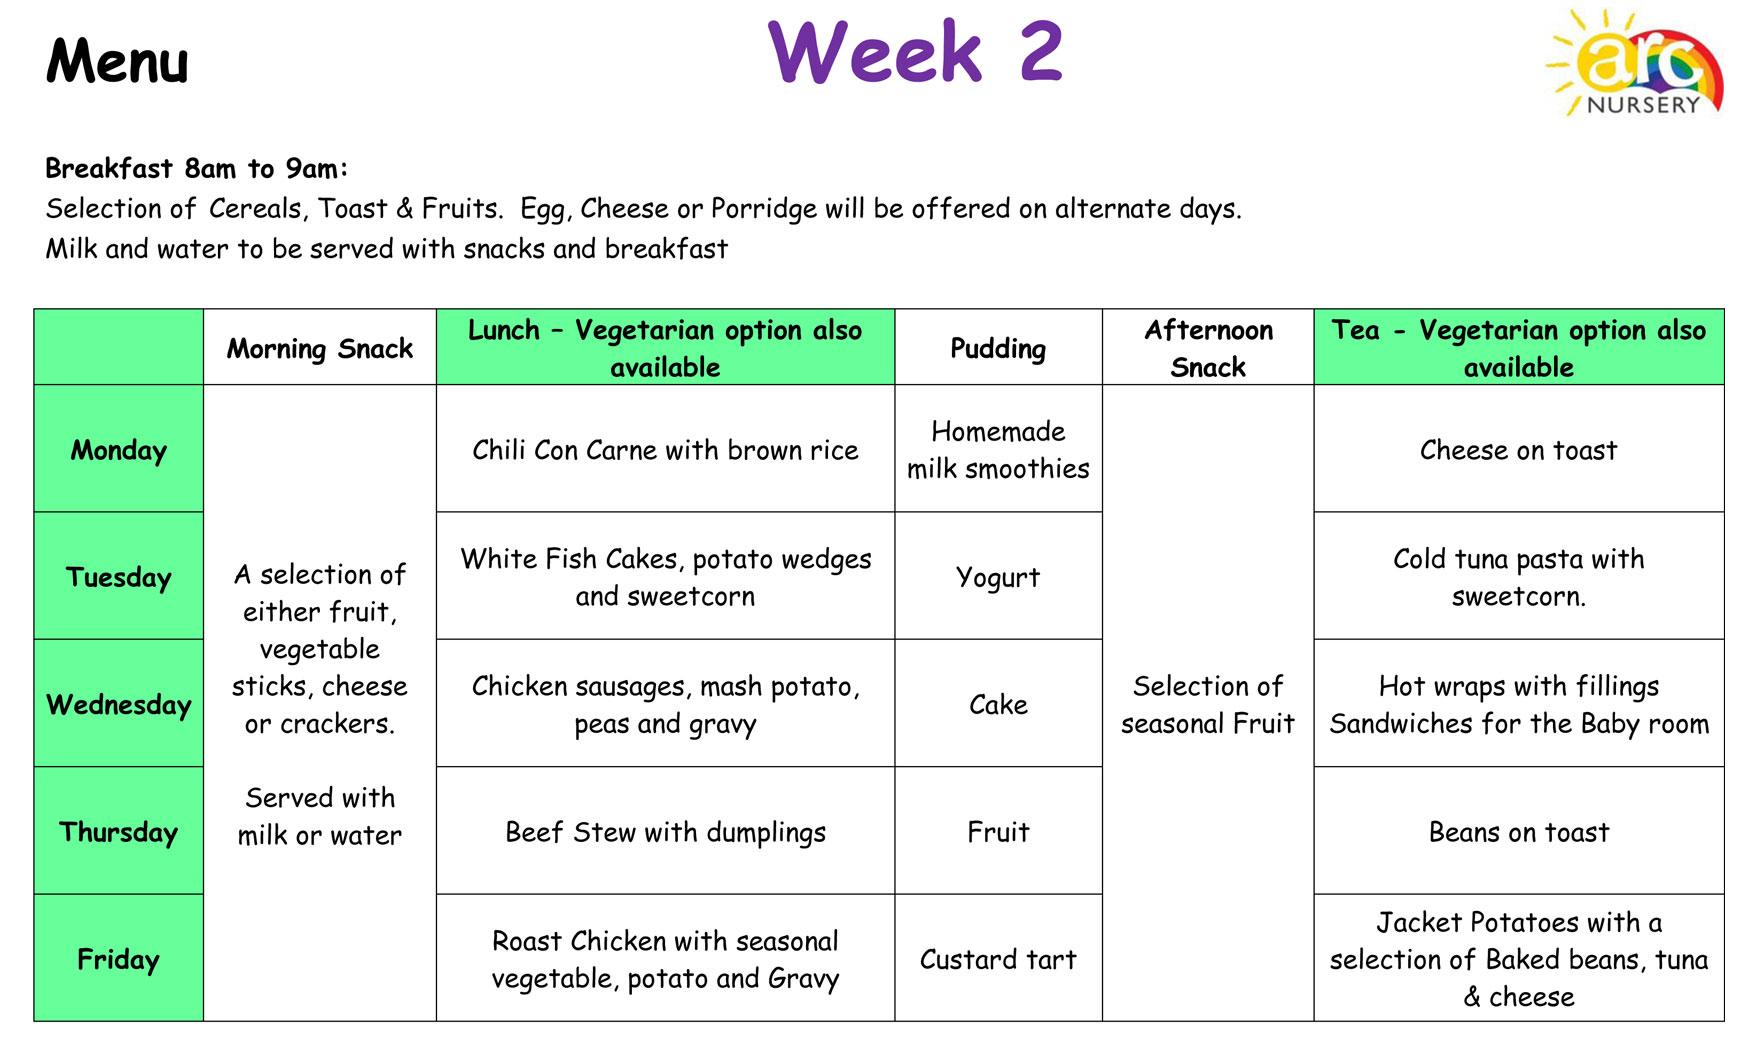 Arc Nursery Menu, Week 2